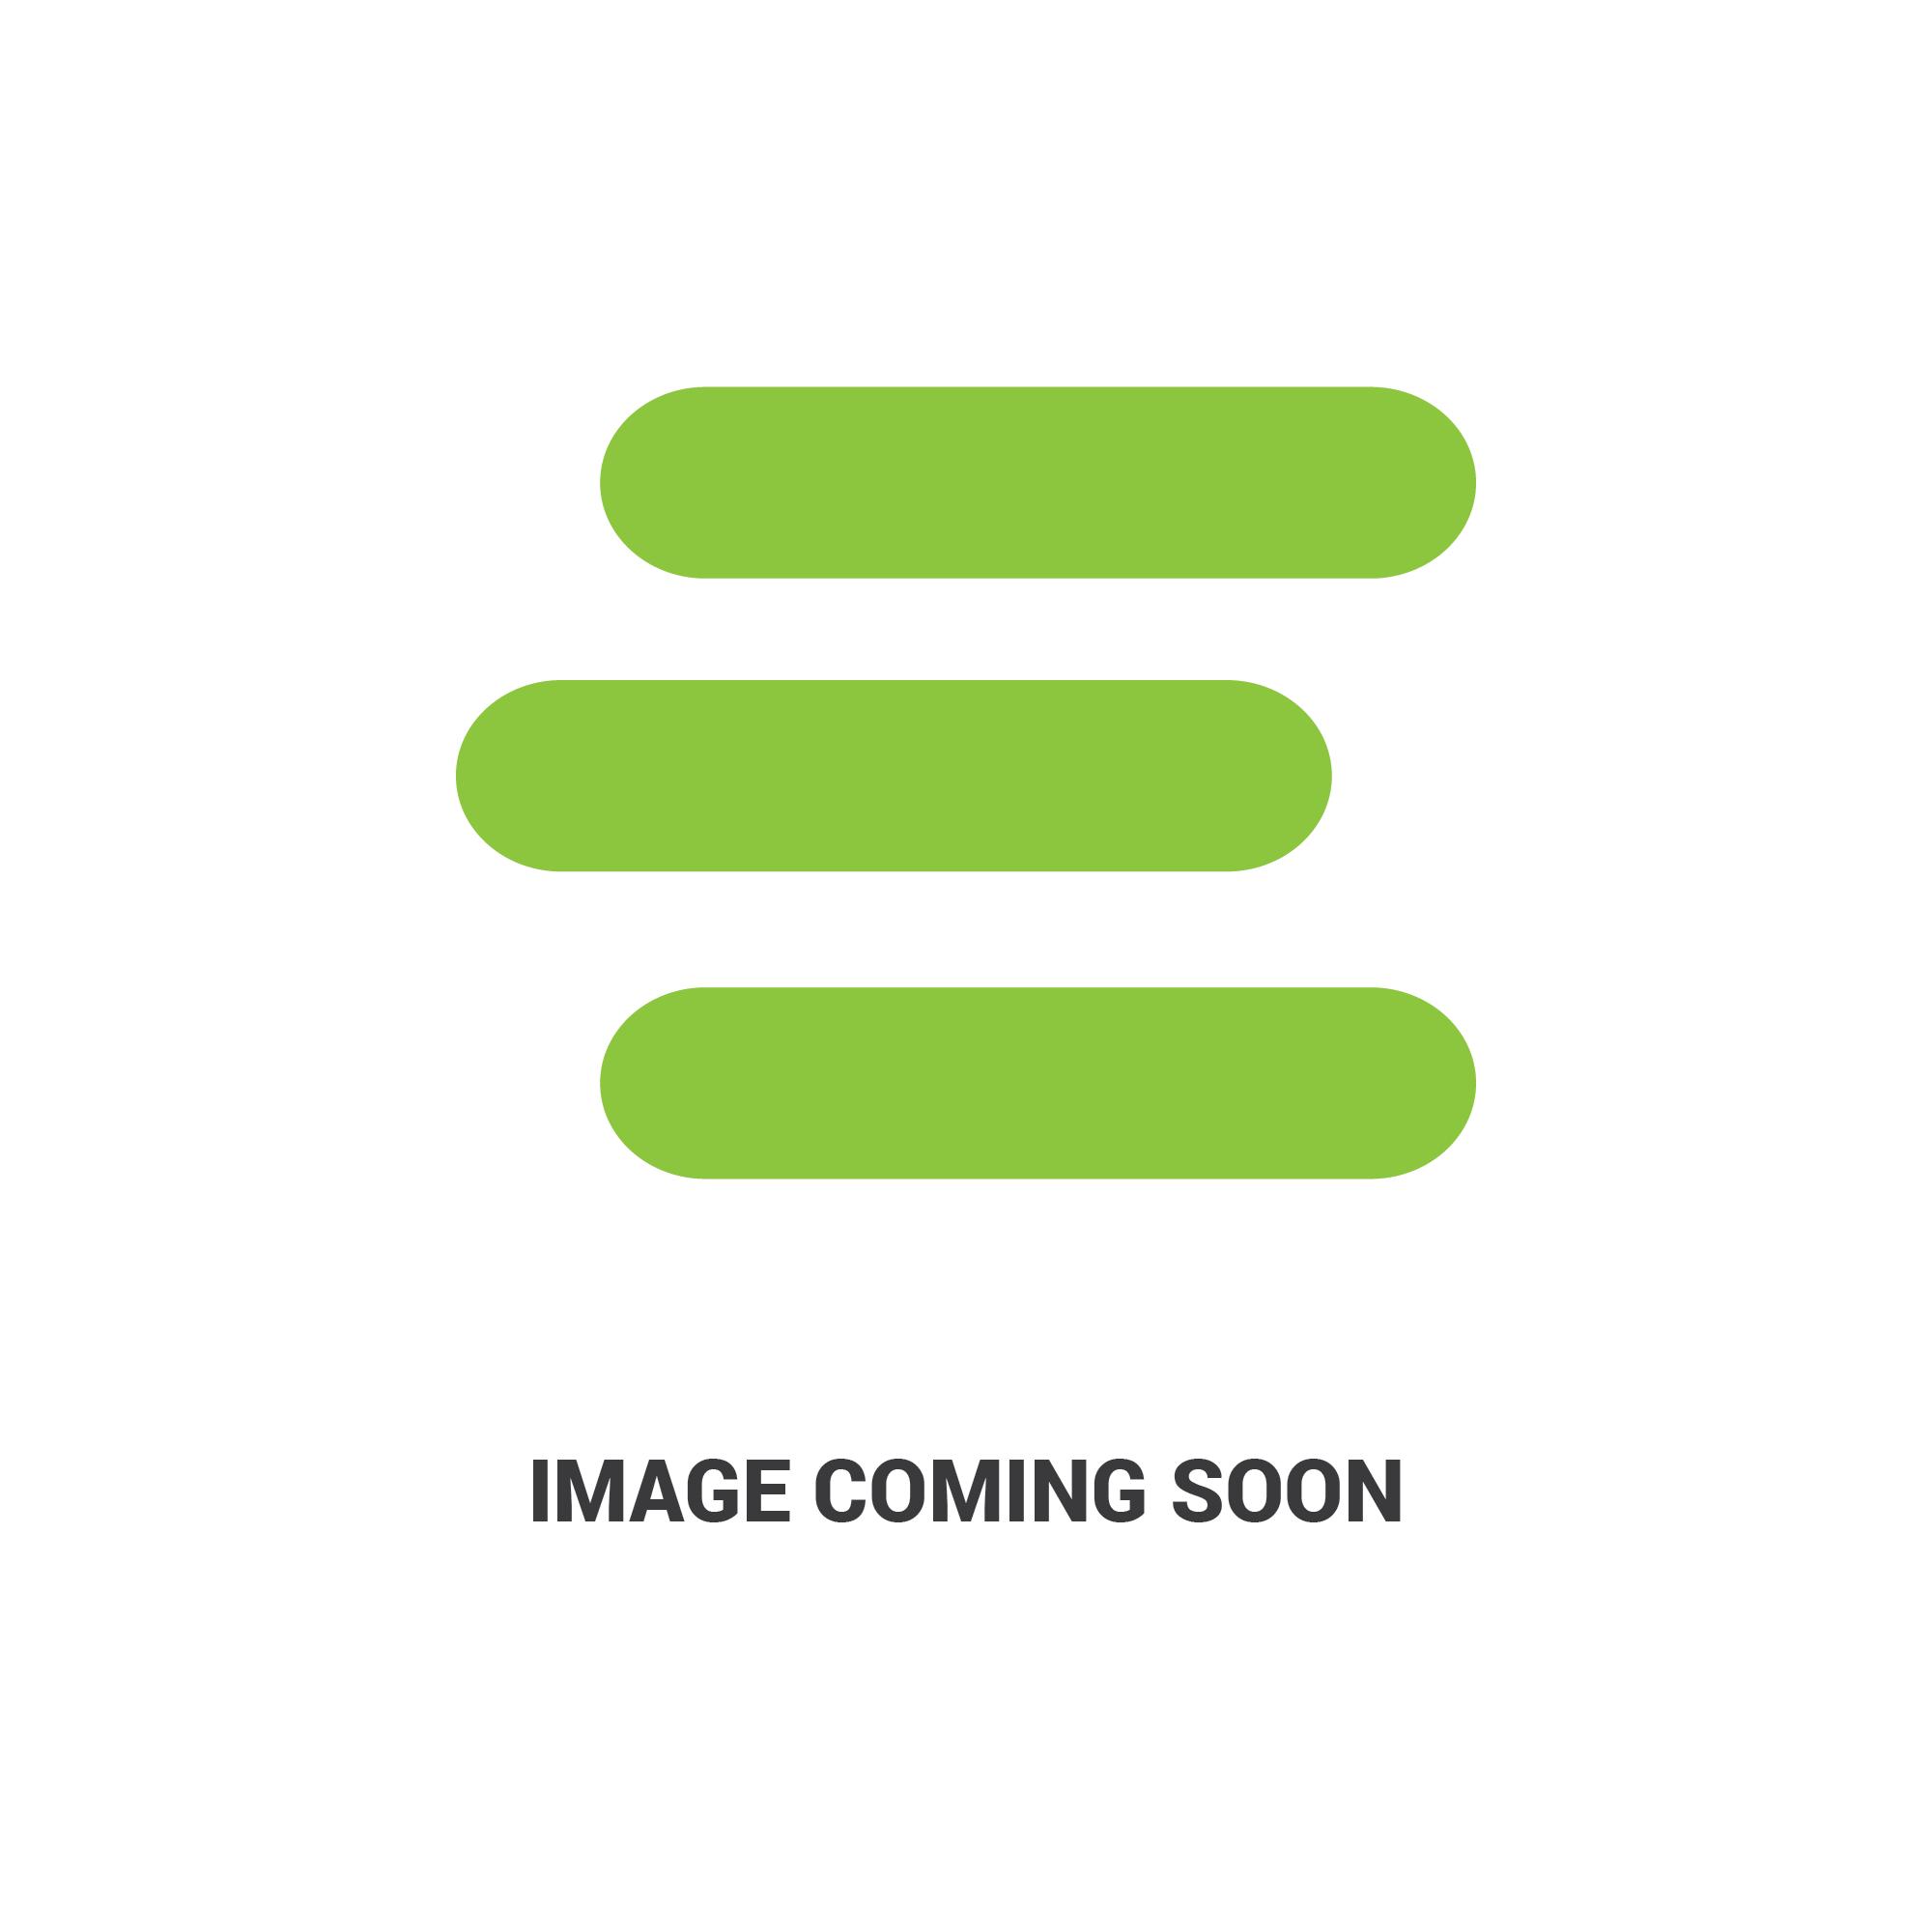 E-AL2818Tedit 20.jpg